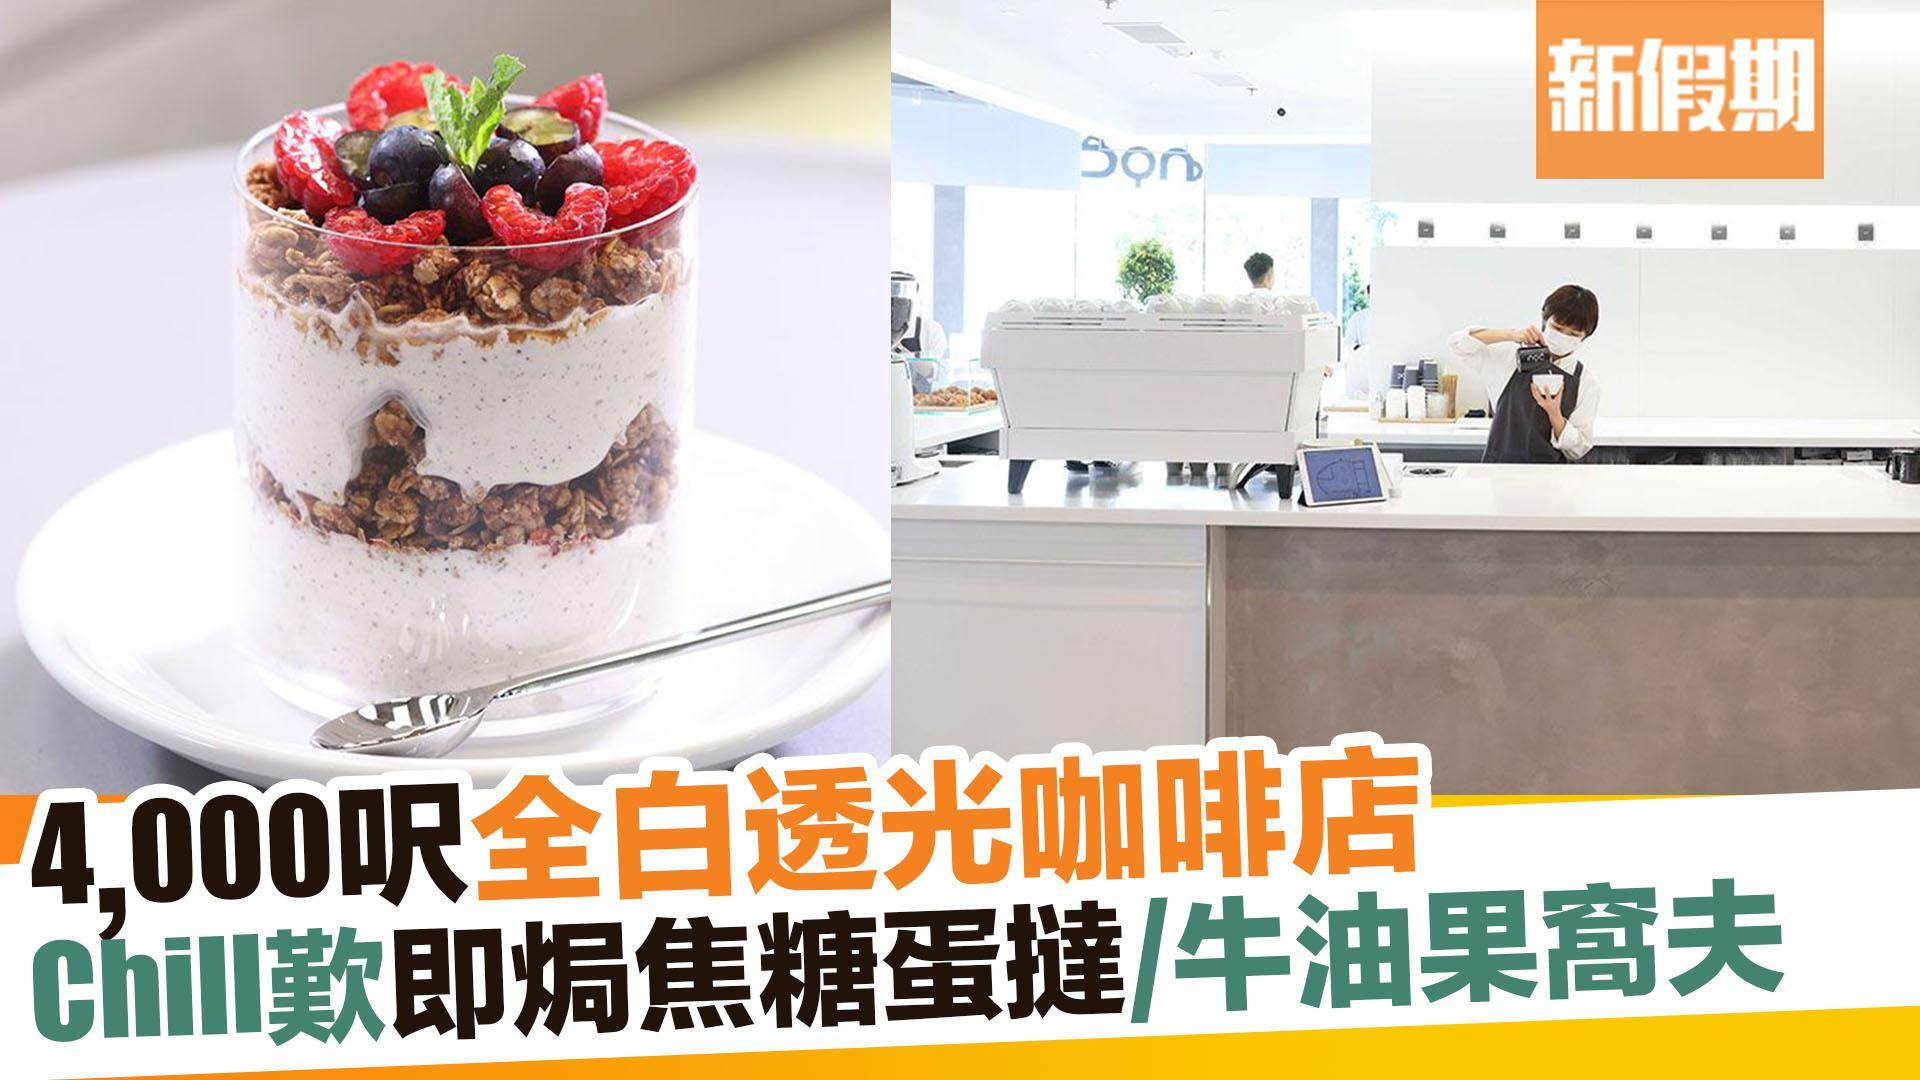 【區區搵食】NOC將軍澳開4,000呎Cafe! 新假期